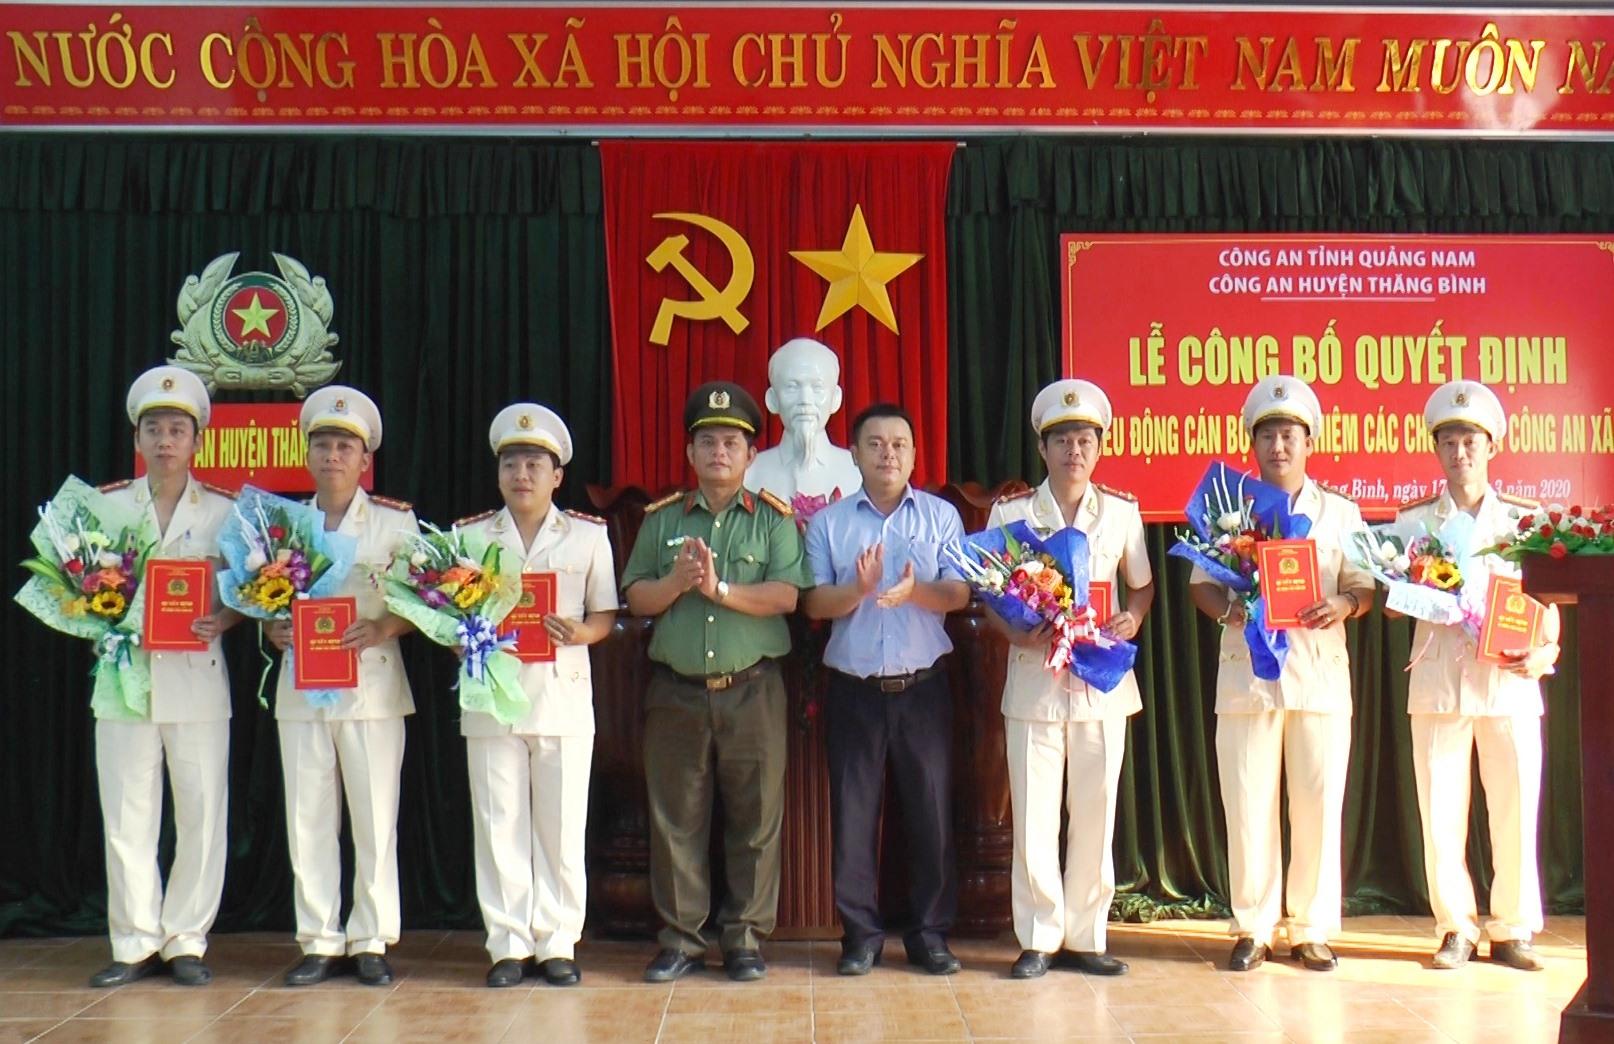 Đại tá Huỳnh Sông Thu – Phó Giám đốc Công an tỉnh và lãnh đạo huyện Thăng Bình tặng hoa chúc mừng cán bộ chiến sĩ được điều động.